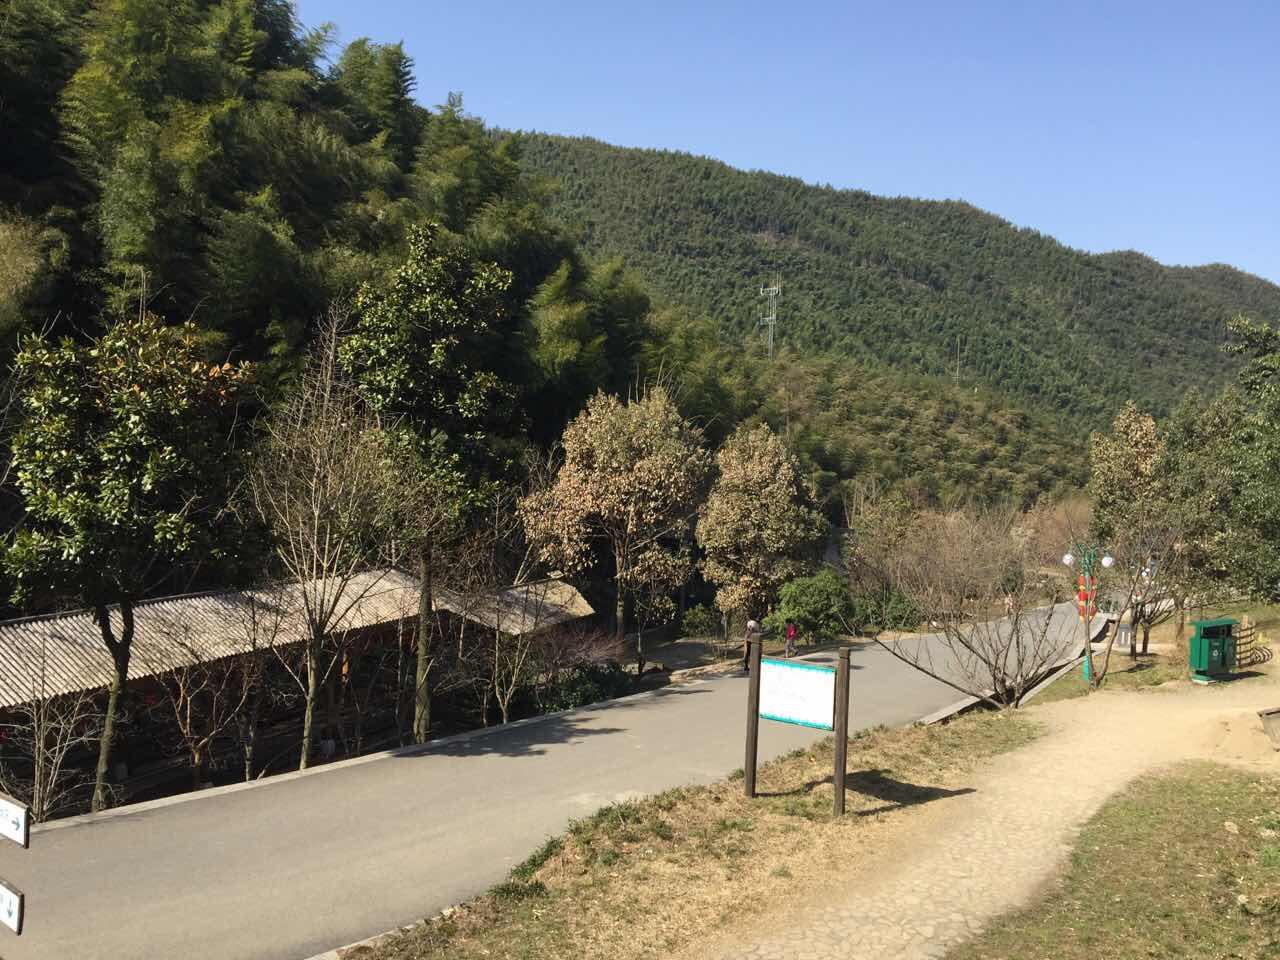 赏江南天池景区,体验江南天池滑雪1小时,住安吉开元曼居酒店,赠图片